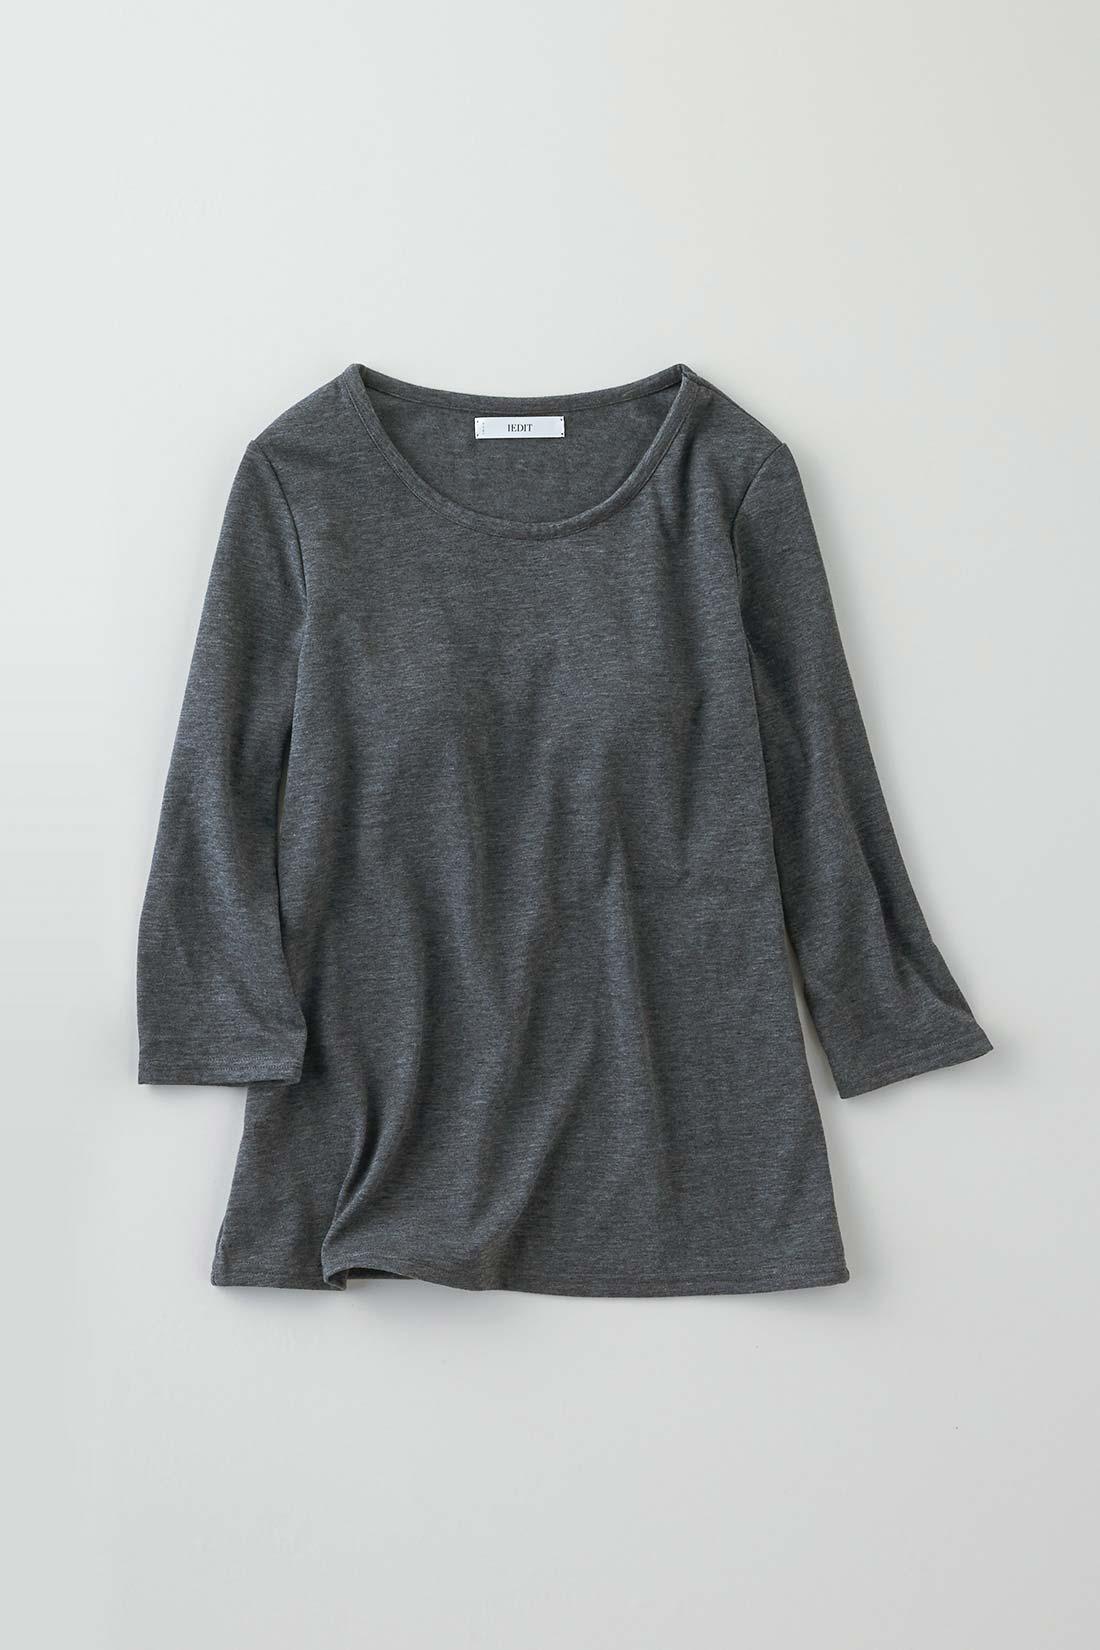 <一枚で着ても大丈夫♪>ほどよく肉厚な生地を用い、七分袖のこなれた雰囲気でデザインしているので着映え感あり。ちょっとしたワンマイルのお出かけにも♪